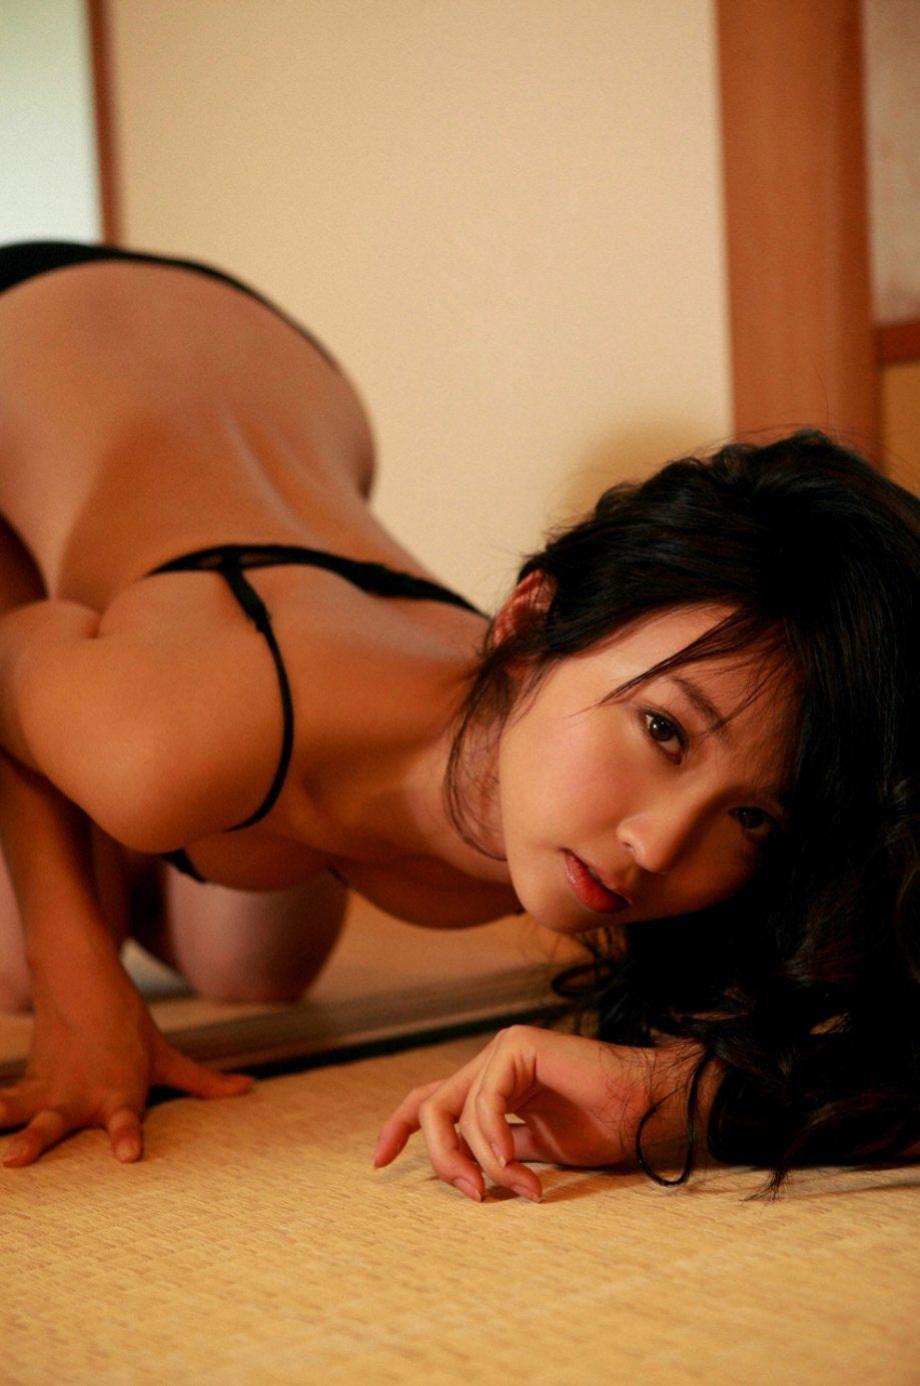 fotopodborka-eroticheskih-devushek